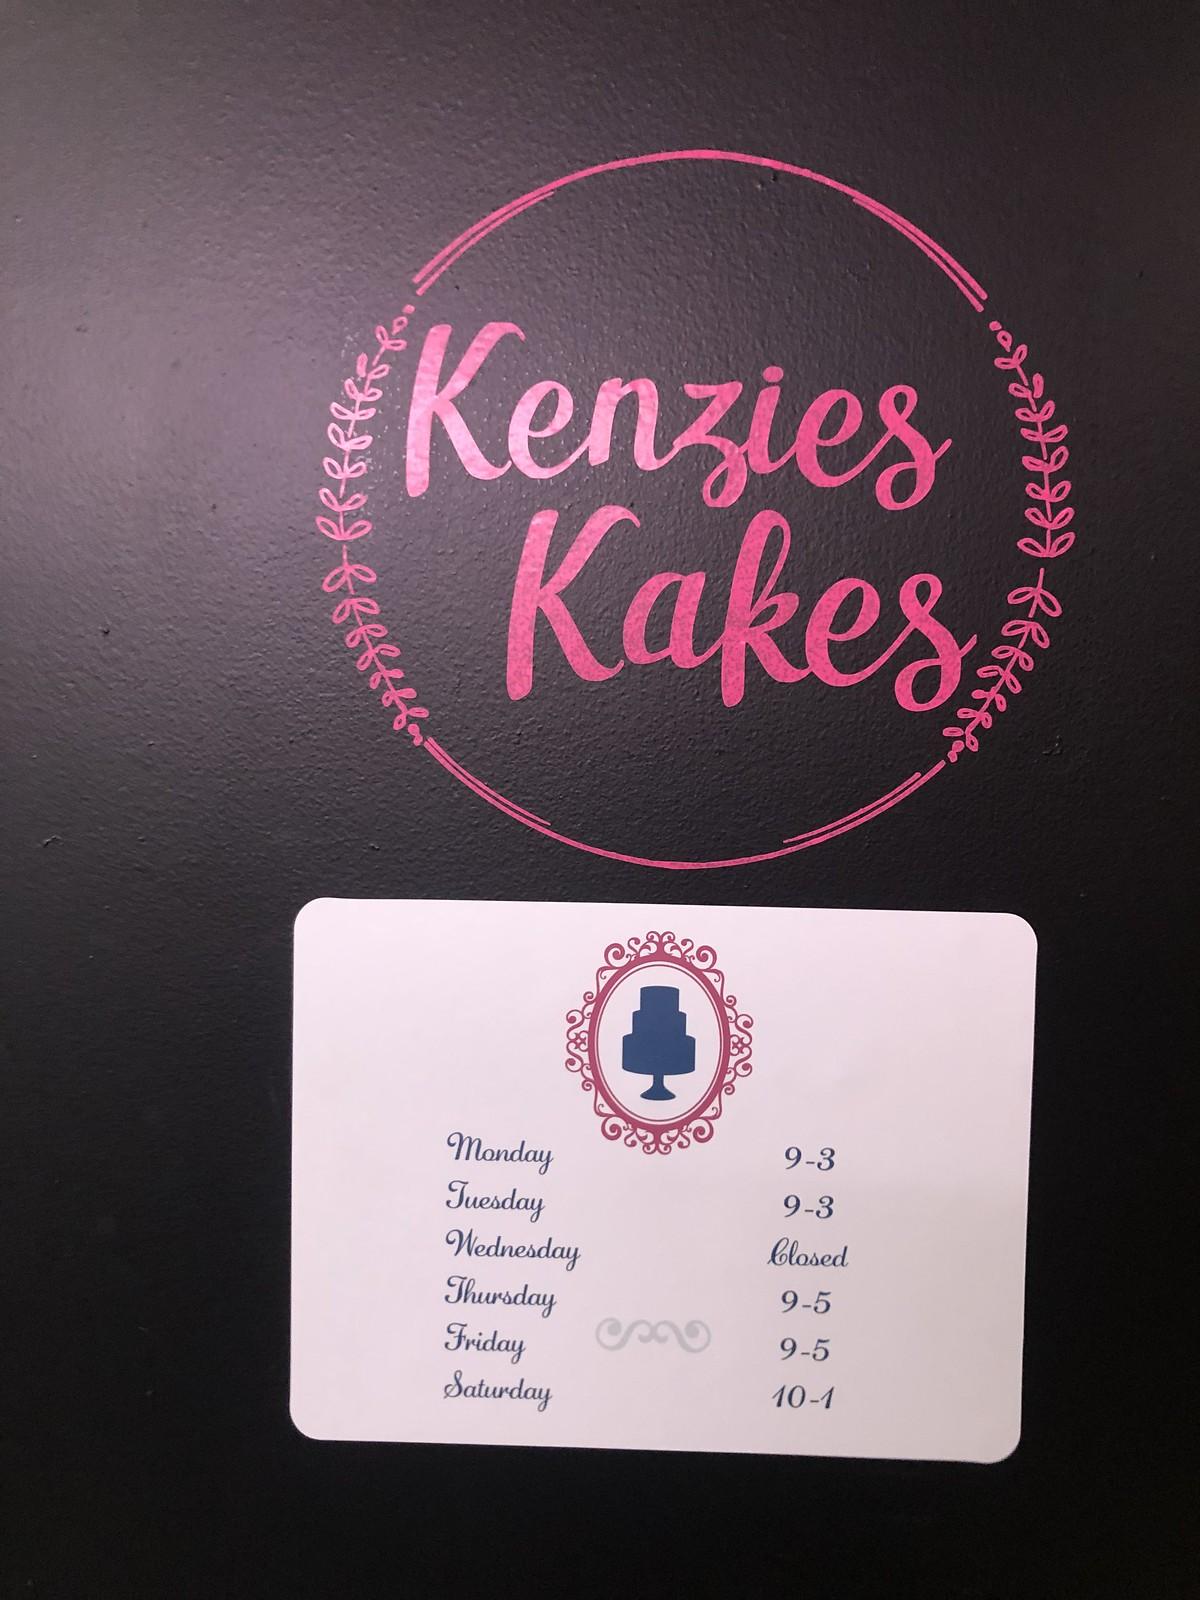 Kenzie's Kakes